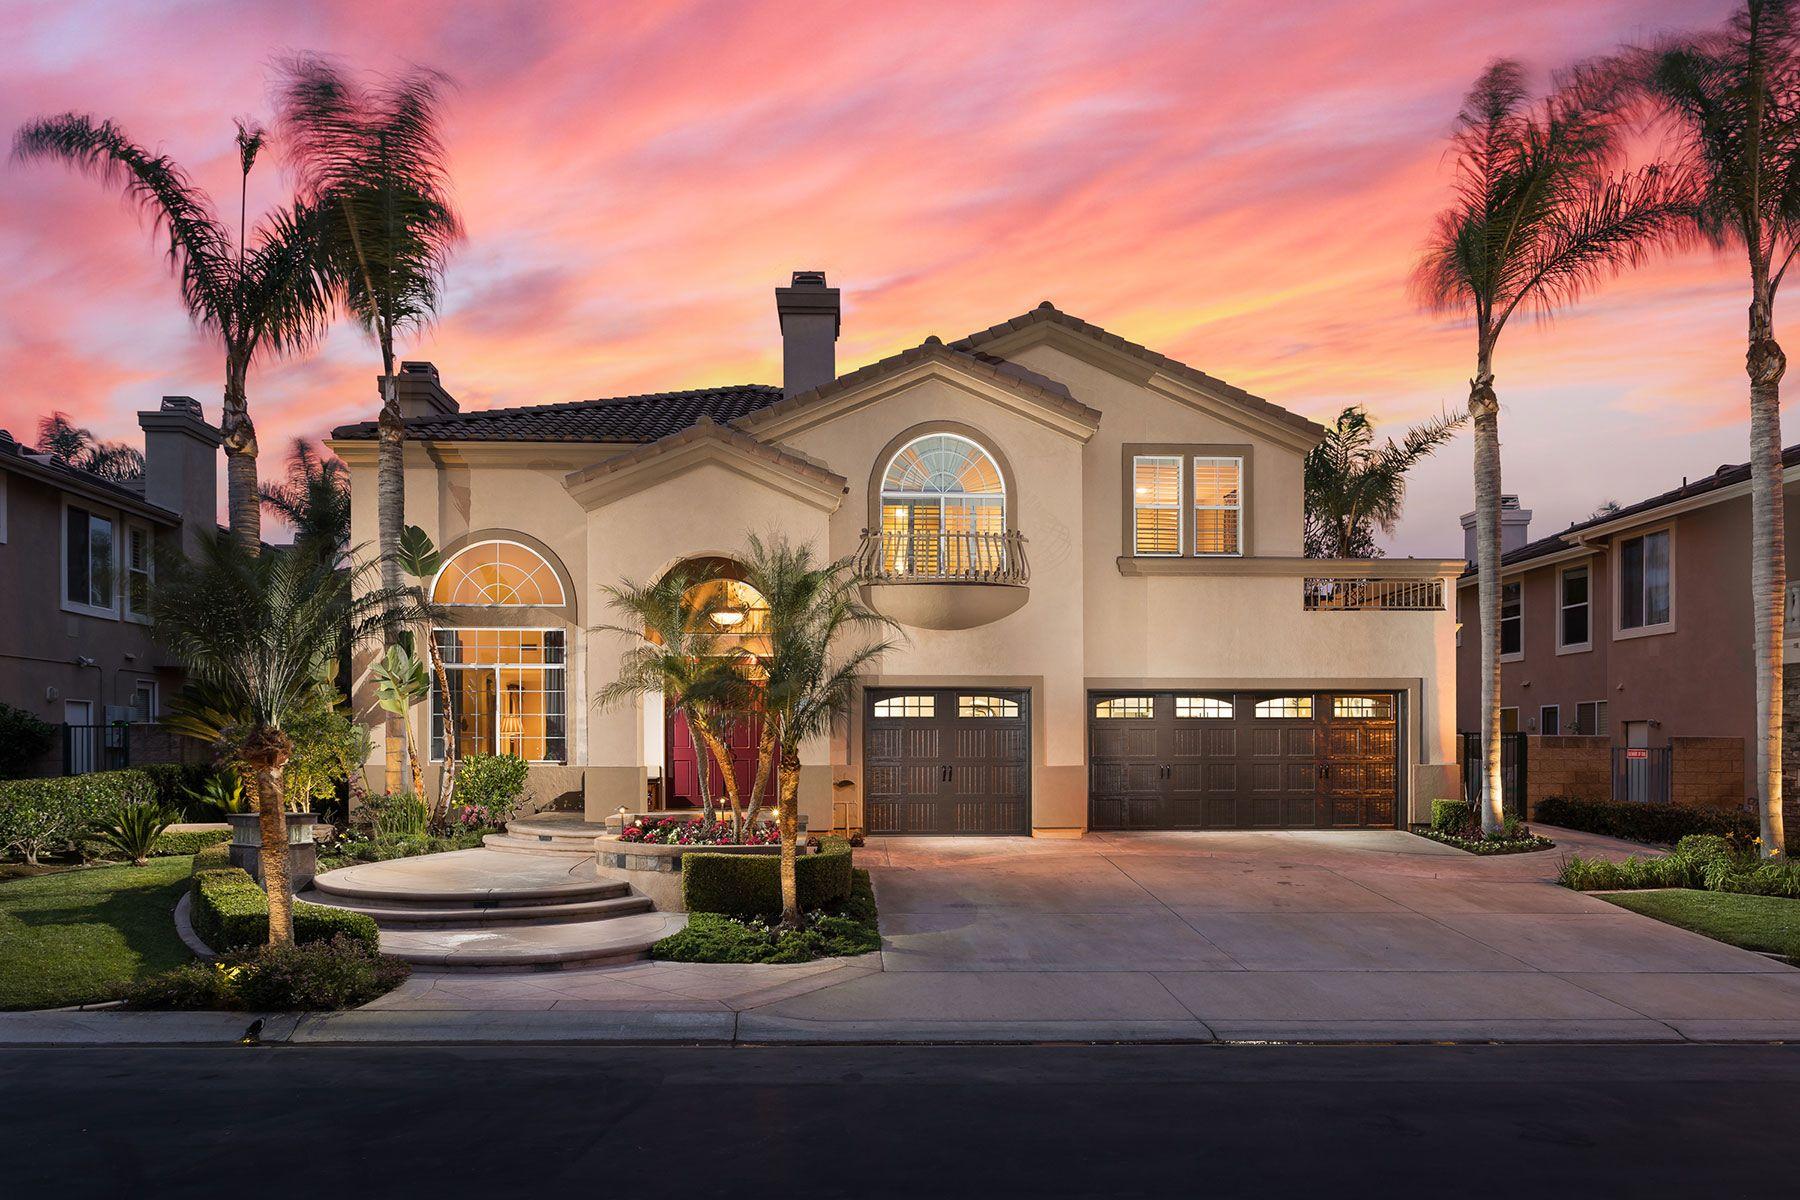 独户住宅 为 销售 在 18925 Silverbit Lane 杭廷顿海滩, 加利福尼亚州, 92648 美国